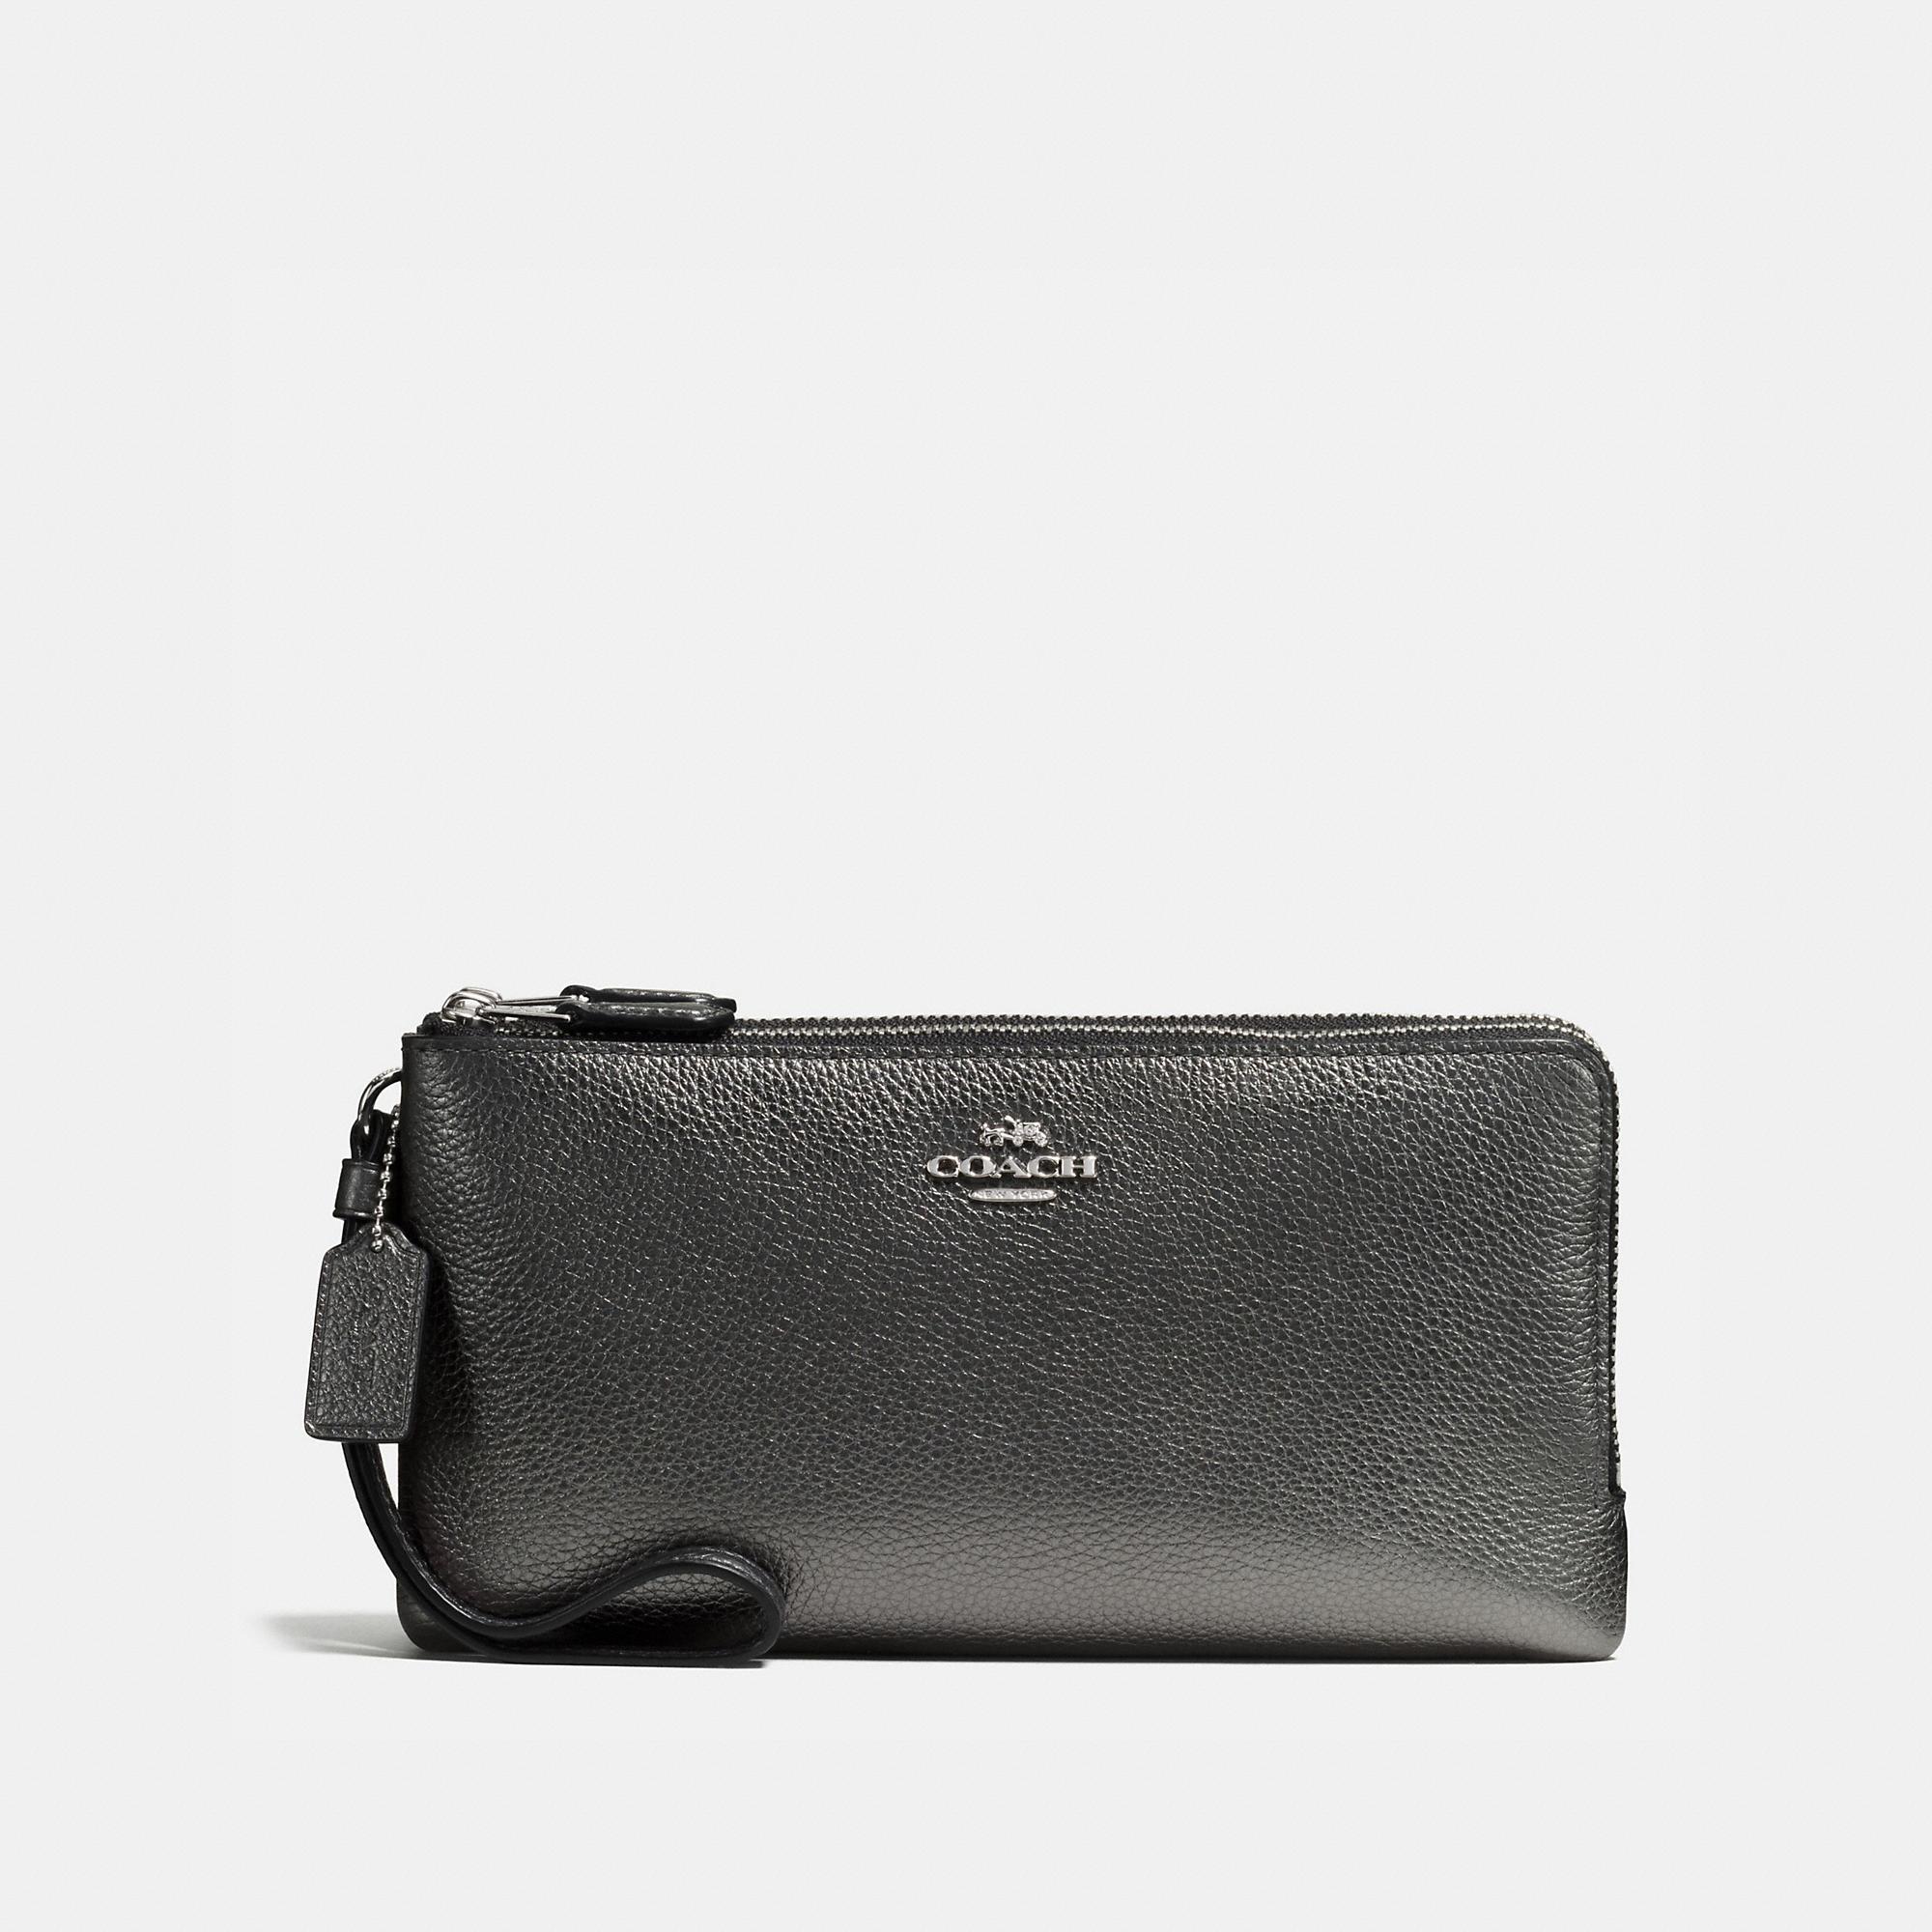 Coach Double Zip Wallet In Metallic Leather